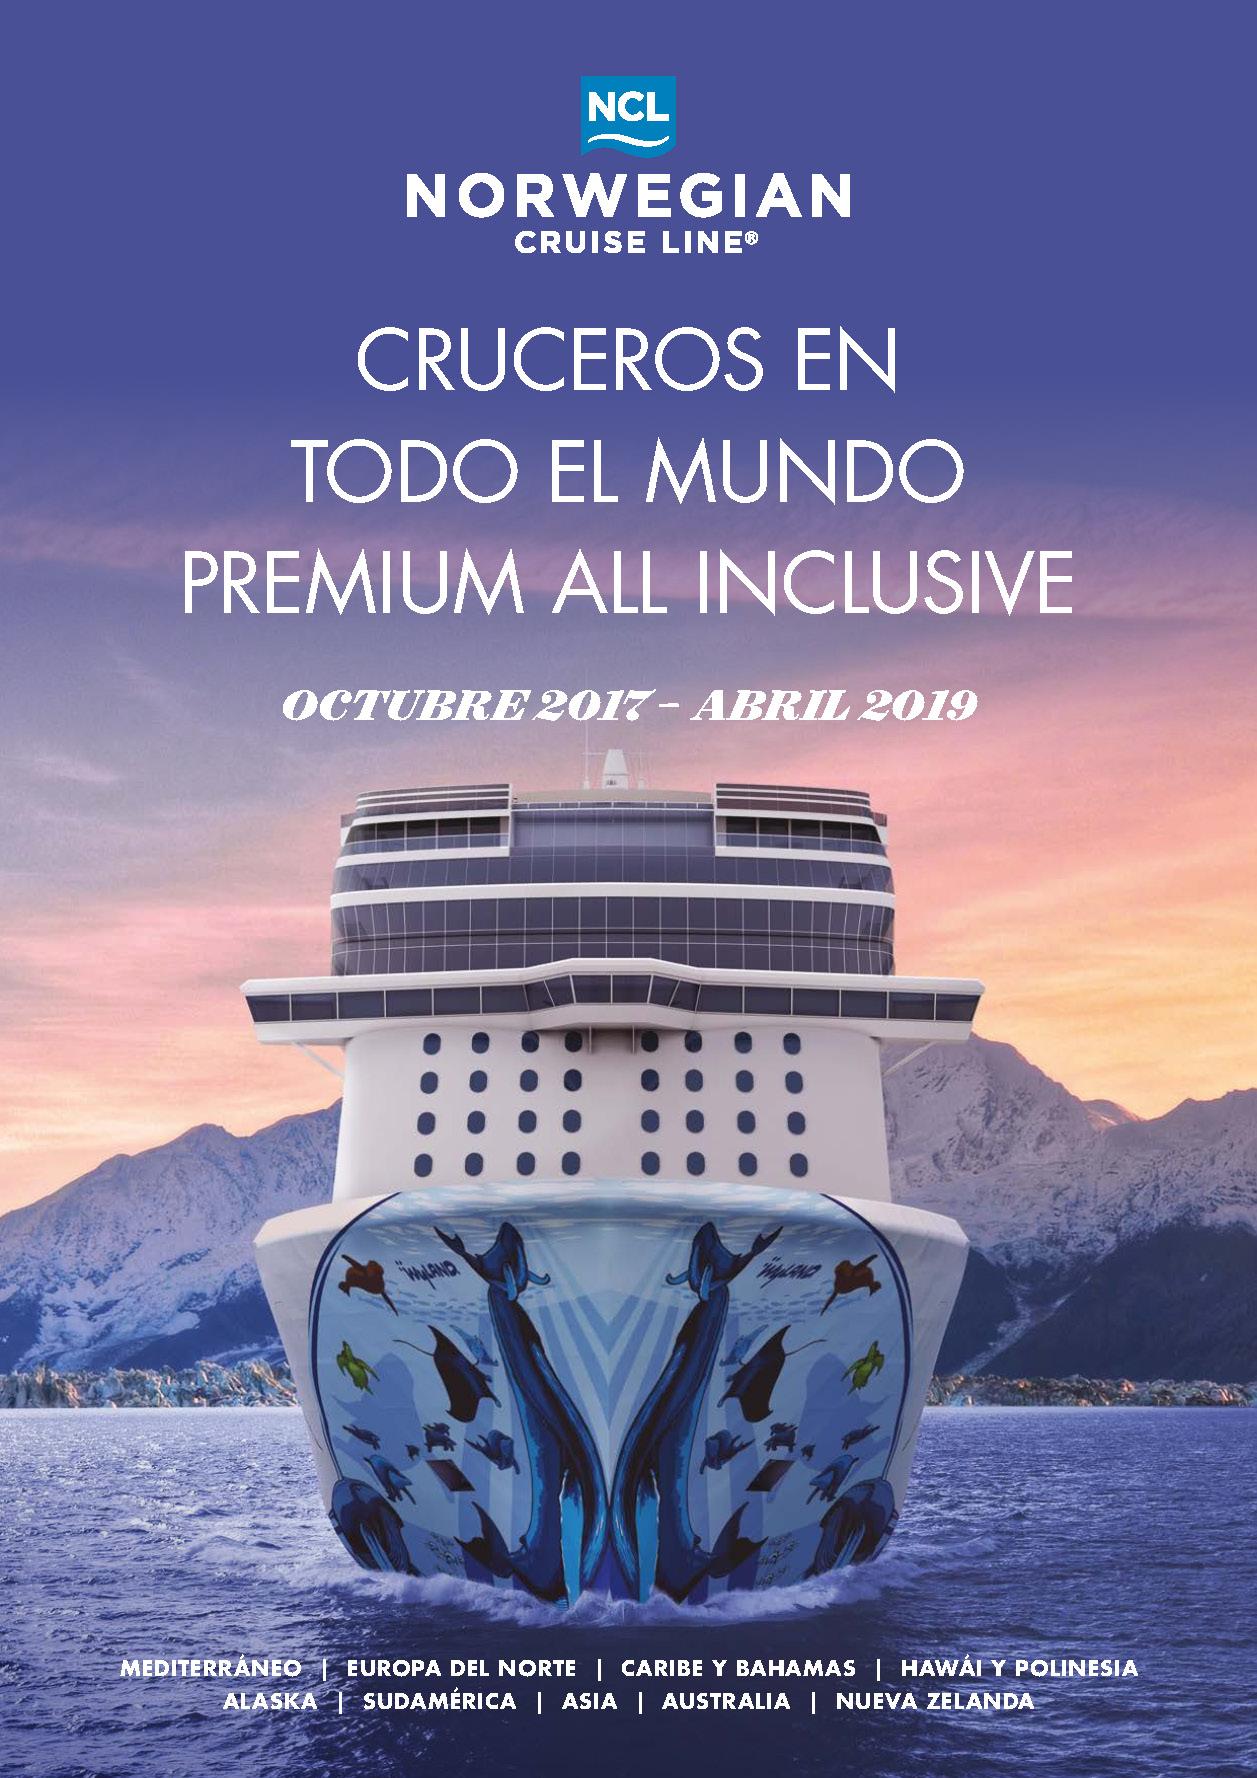 Catalogo Cruceros Norwegian 2017-2019